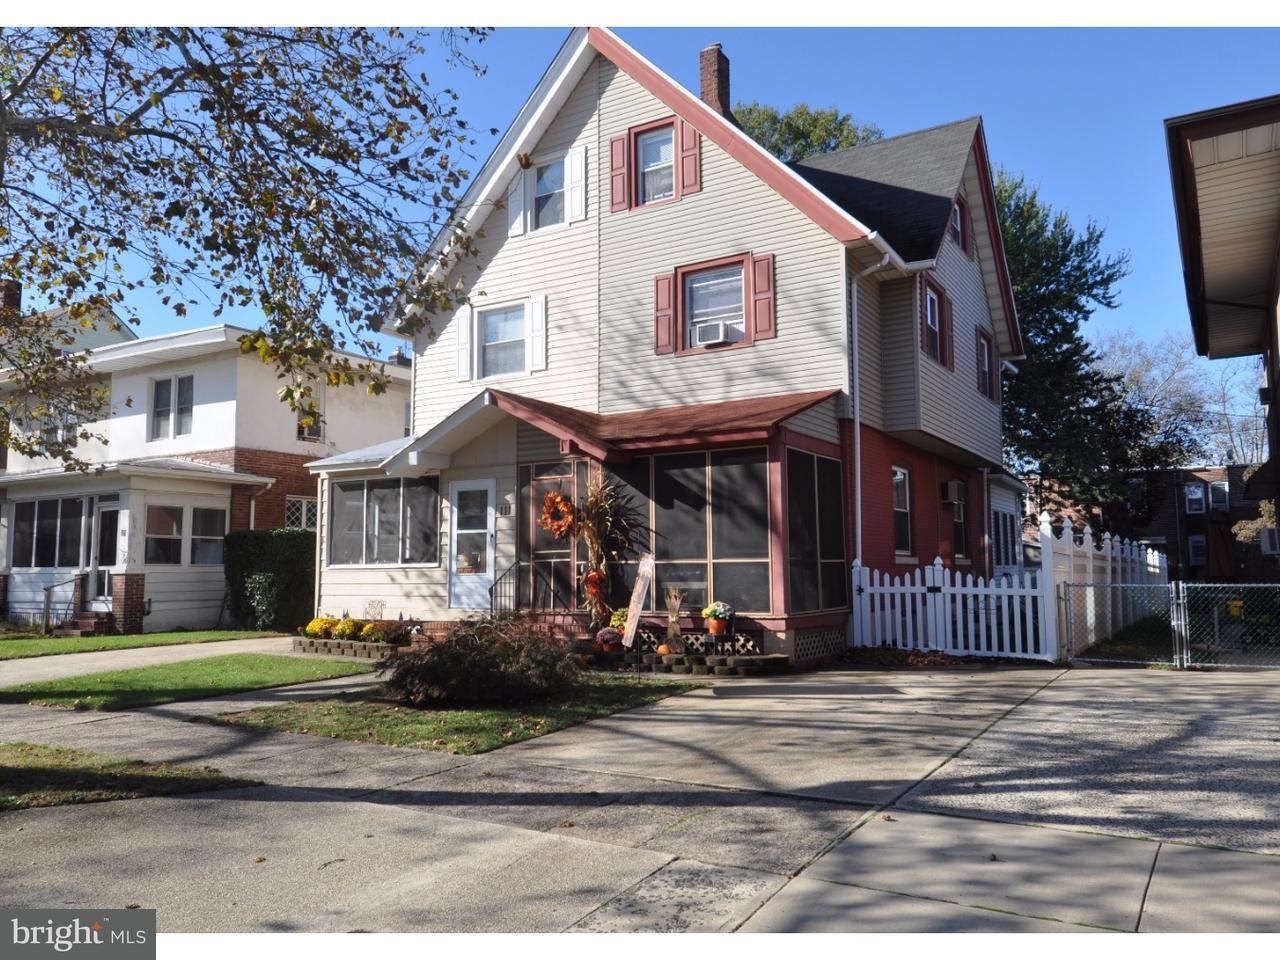 联栋屋 为 销售 在 109 6TH Avenue Roebling, 新泽西州 08554 美国